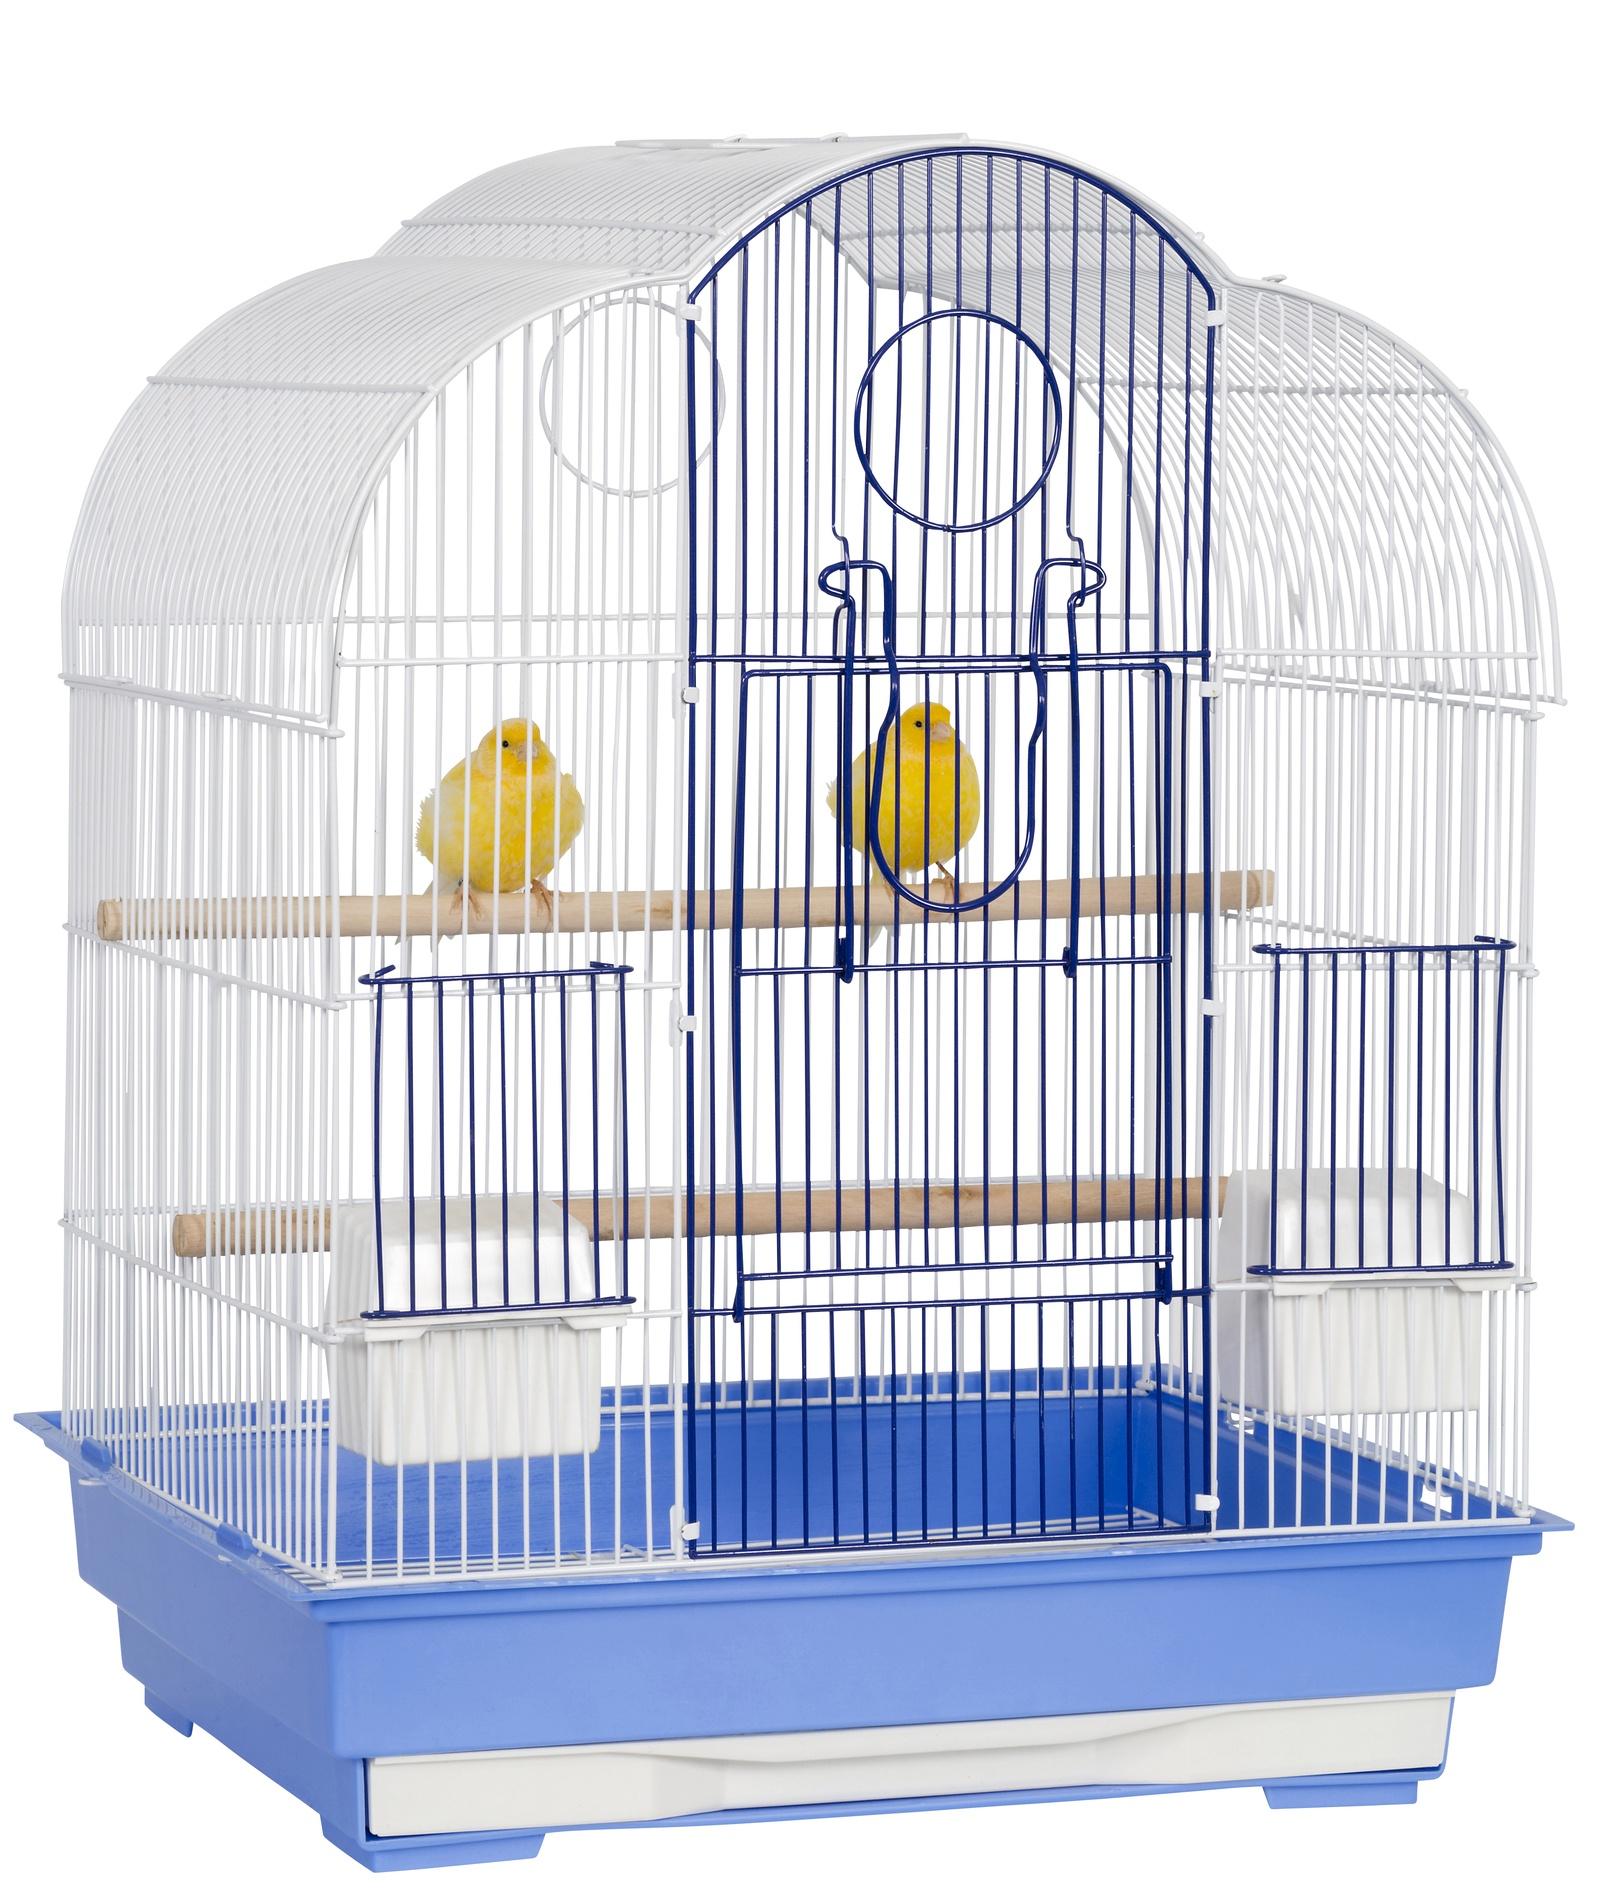 """клетка для мелких птиц sky liberta """"california"""", 46х36х58 см, голубой/белый (великобритания)"""